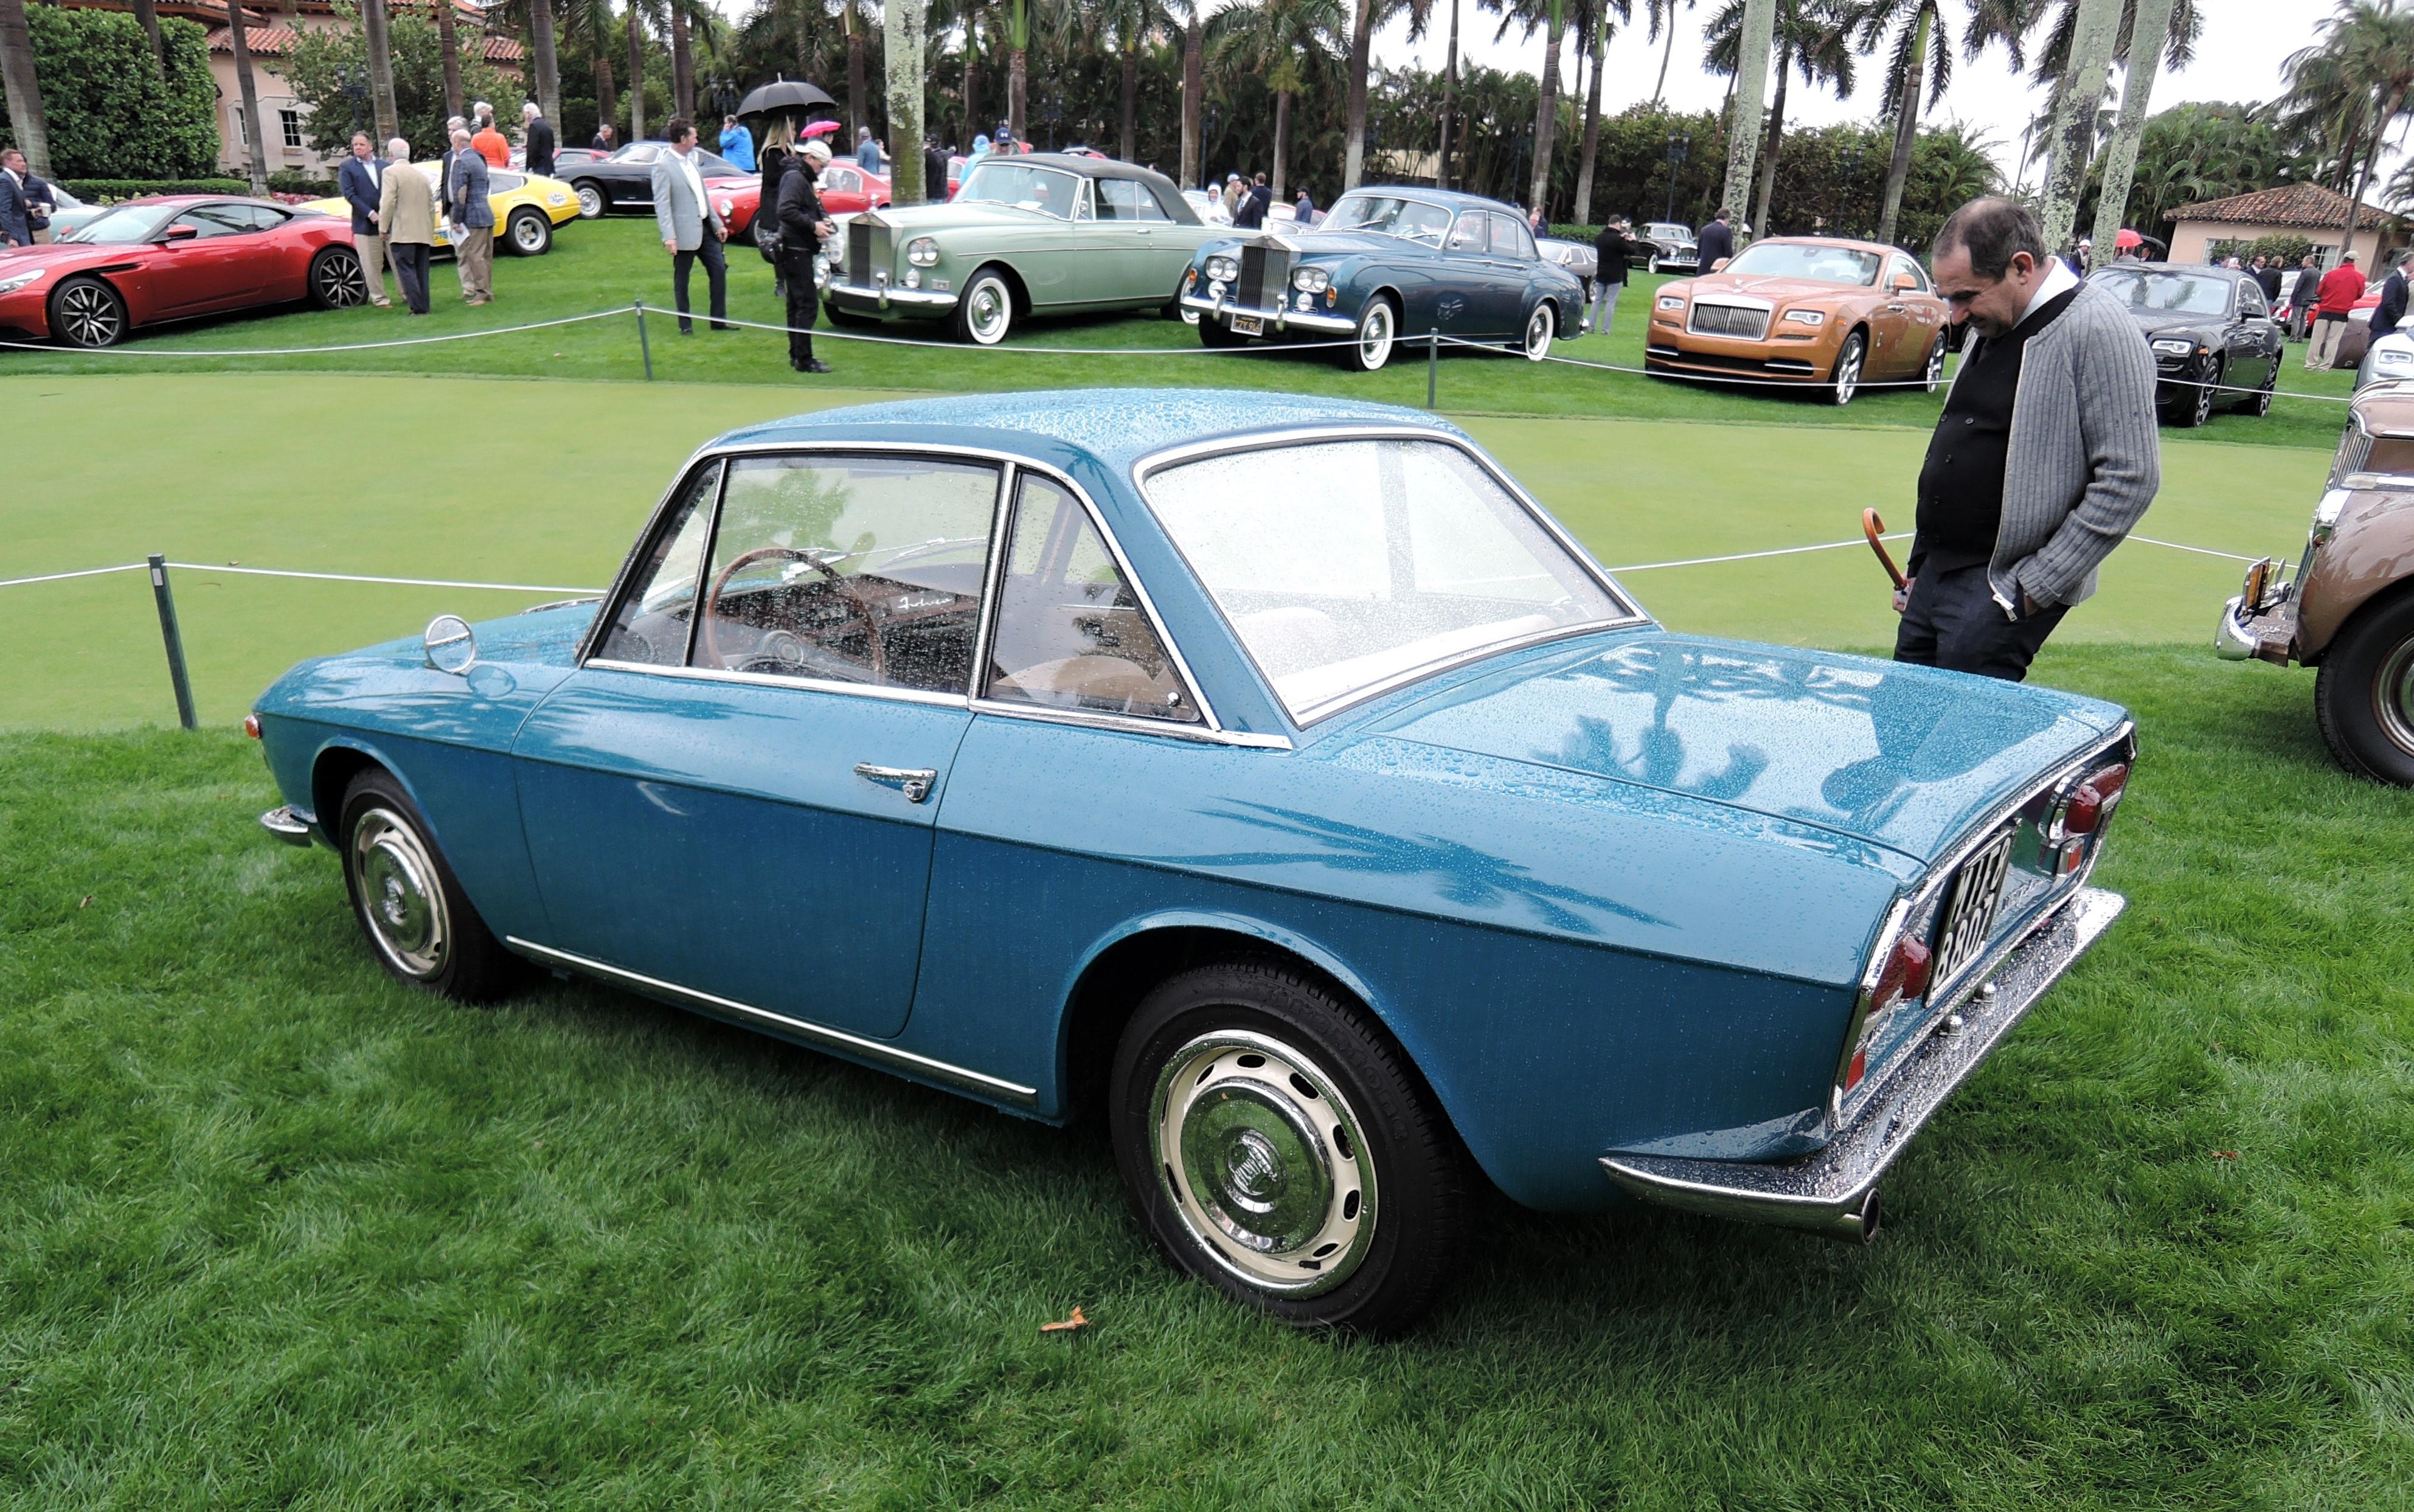 blue 1968 Lancia Fulvia 1.3S Coupe - MaraLago 2017